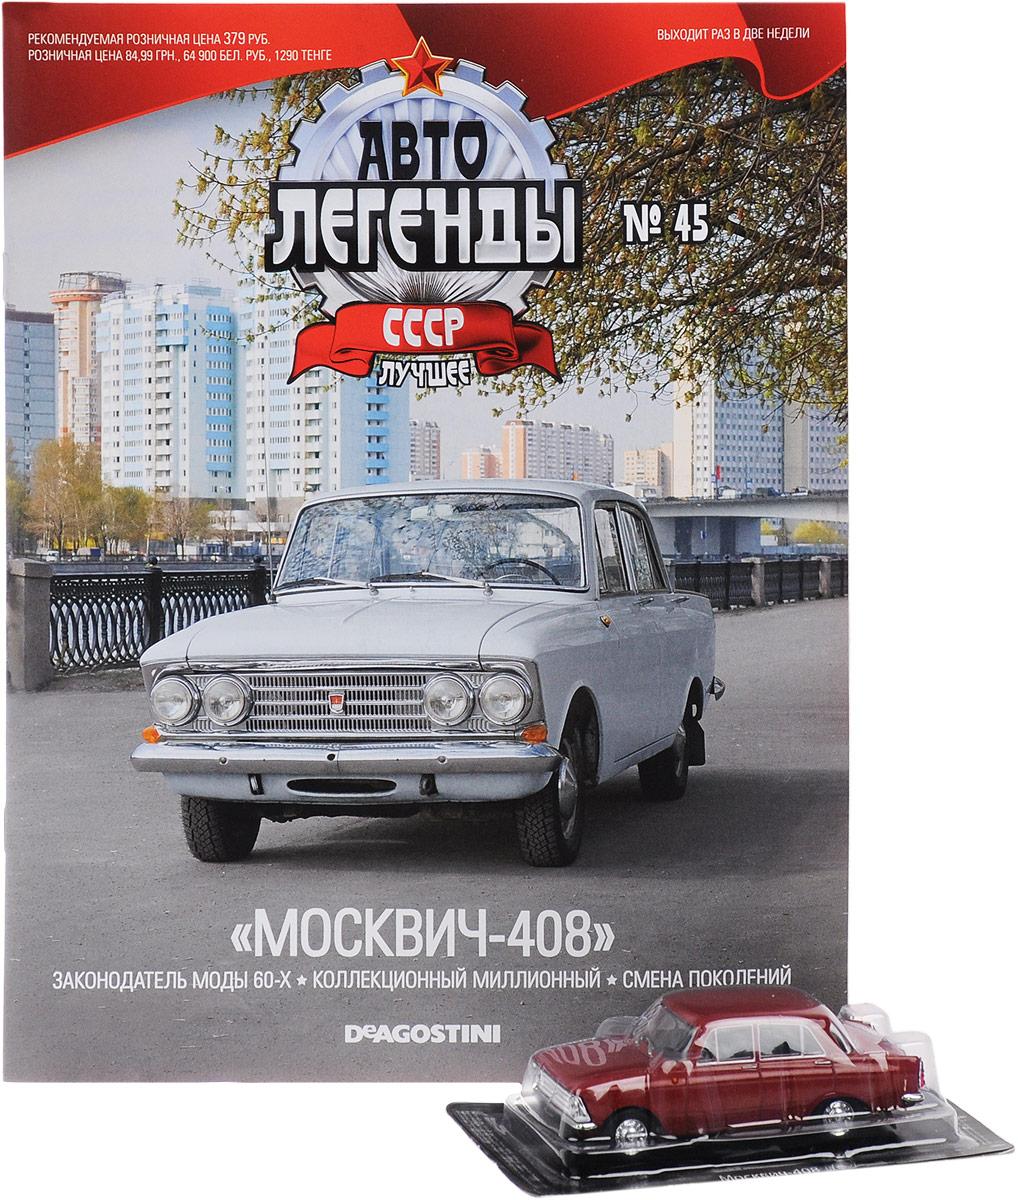 Журнал Авто легенды СССР №45RCRL045В данной серии вы познакомитесь с историей советского автомобилестроения, узнаете, как создавались отечественные машины. Многих героев издания теперь можно встретить только в музеях. Другие, несмотря на почтенный возраст, до сих пор исправно служат своим хозяевам. В журнале вы узнаете, как советские конструкторы создавали автомобили, тщательно изучая опыт зарубежных коллег, воплощая их наиболее удачные находки в своих детищах. А особые ценители смогут ознакомиться с подробными техническими характеристиками и биографией отдельных моделей и их создателей. С каждым номером все читатели журнала Автолегенды СССР получают миниатюрный автомобиль. Маленькие, но удивительно точные копии с оригинала помогут вам открыть для себя увлекательный мир автомобилей в стиле ретро! В данный номер вошла масштабная модель-копия автомобиля Москвич 408. Масштаб 1:43; материал модели: металл и пластик. Категория 16+.